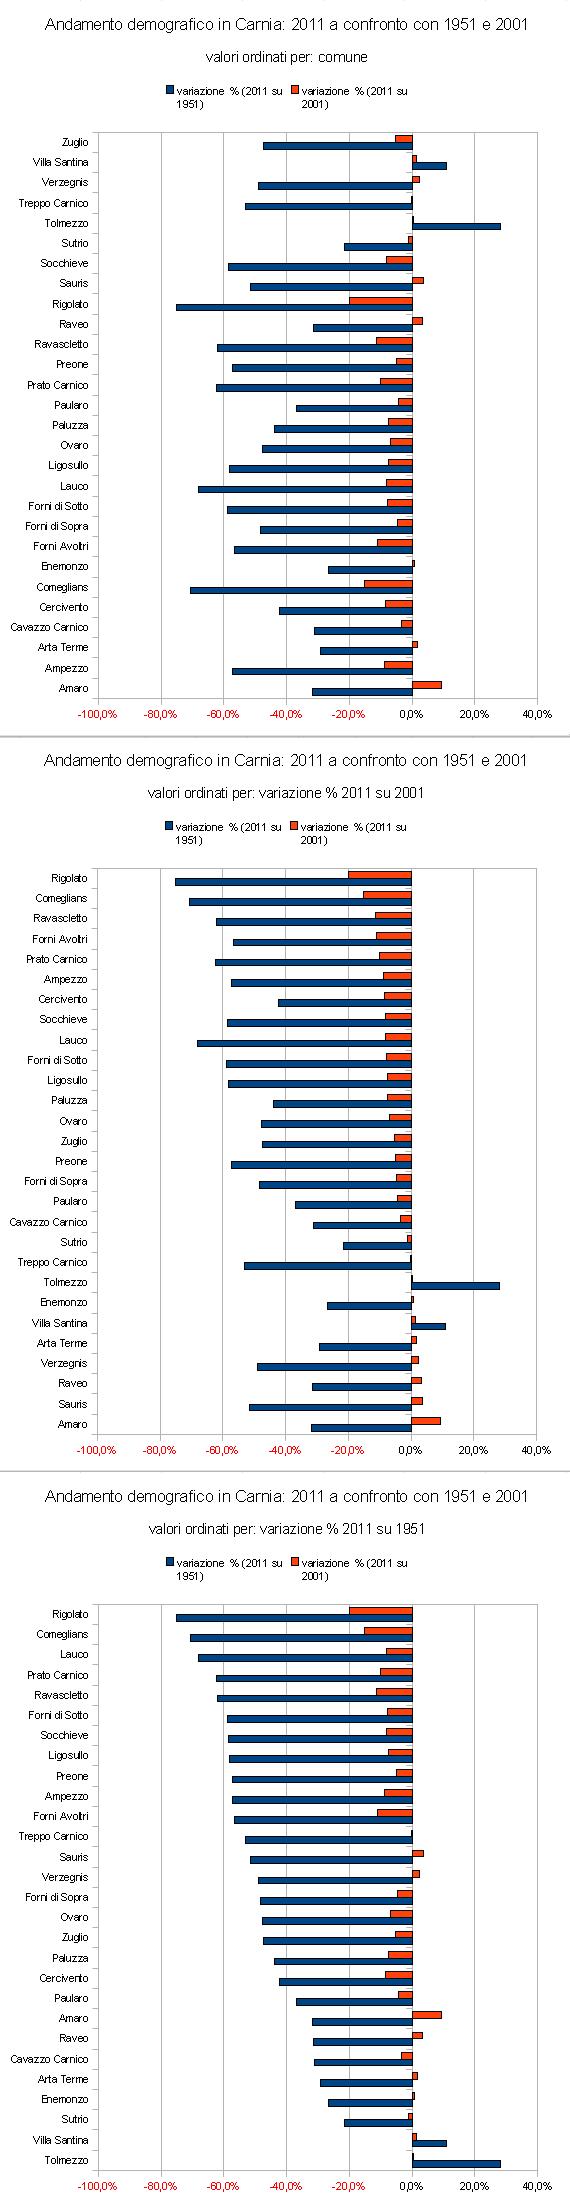 Andamento demografico in Carnia: 2011 a confronto con 1951 e 2001 (grafici)